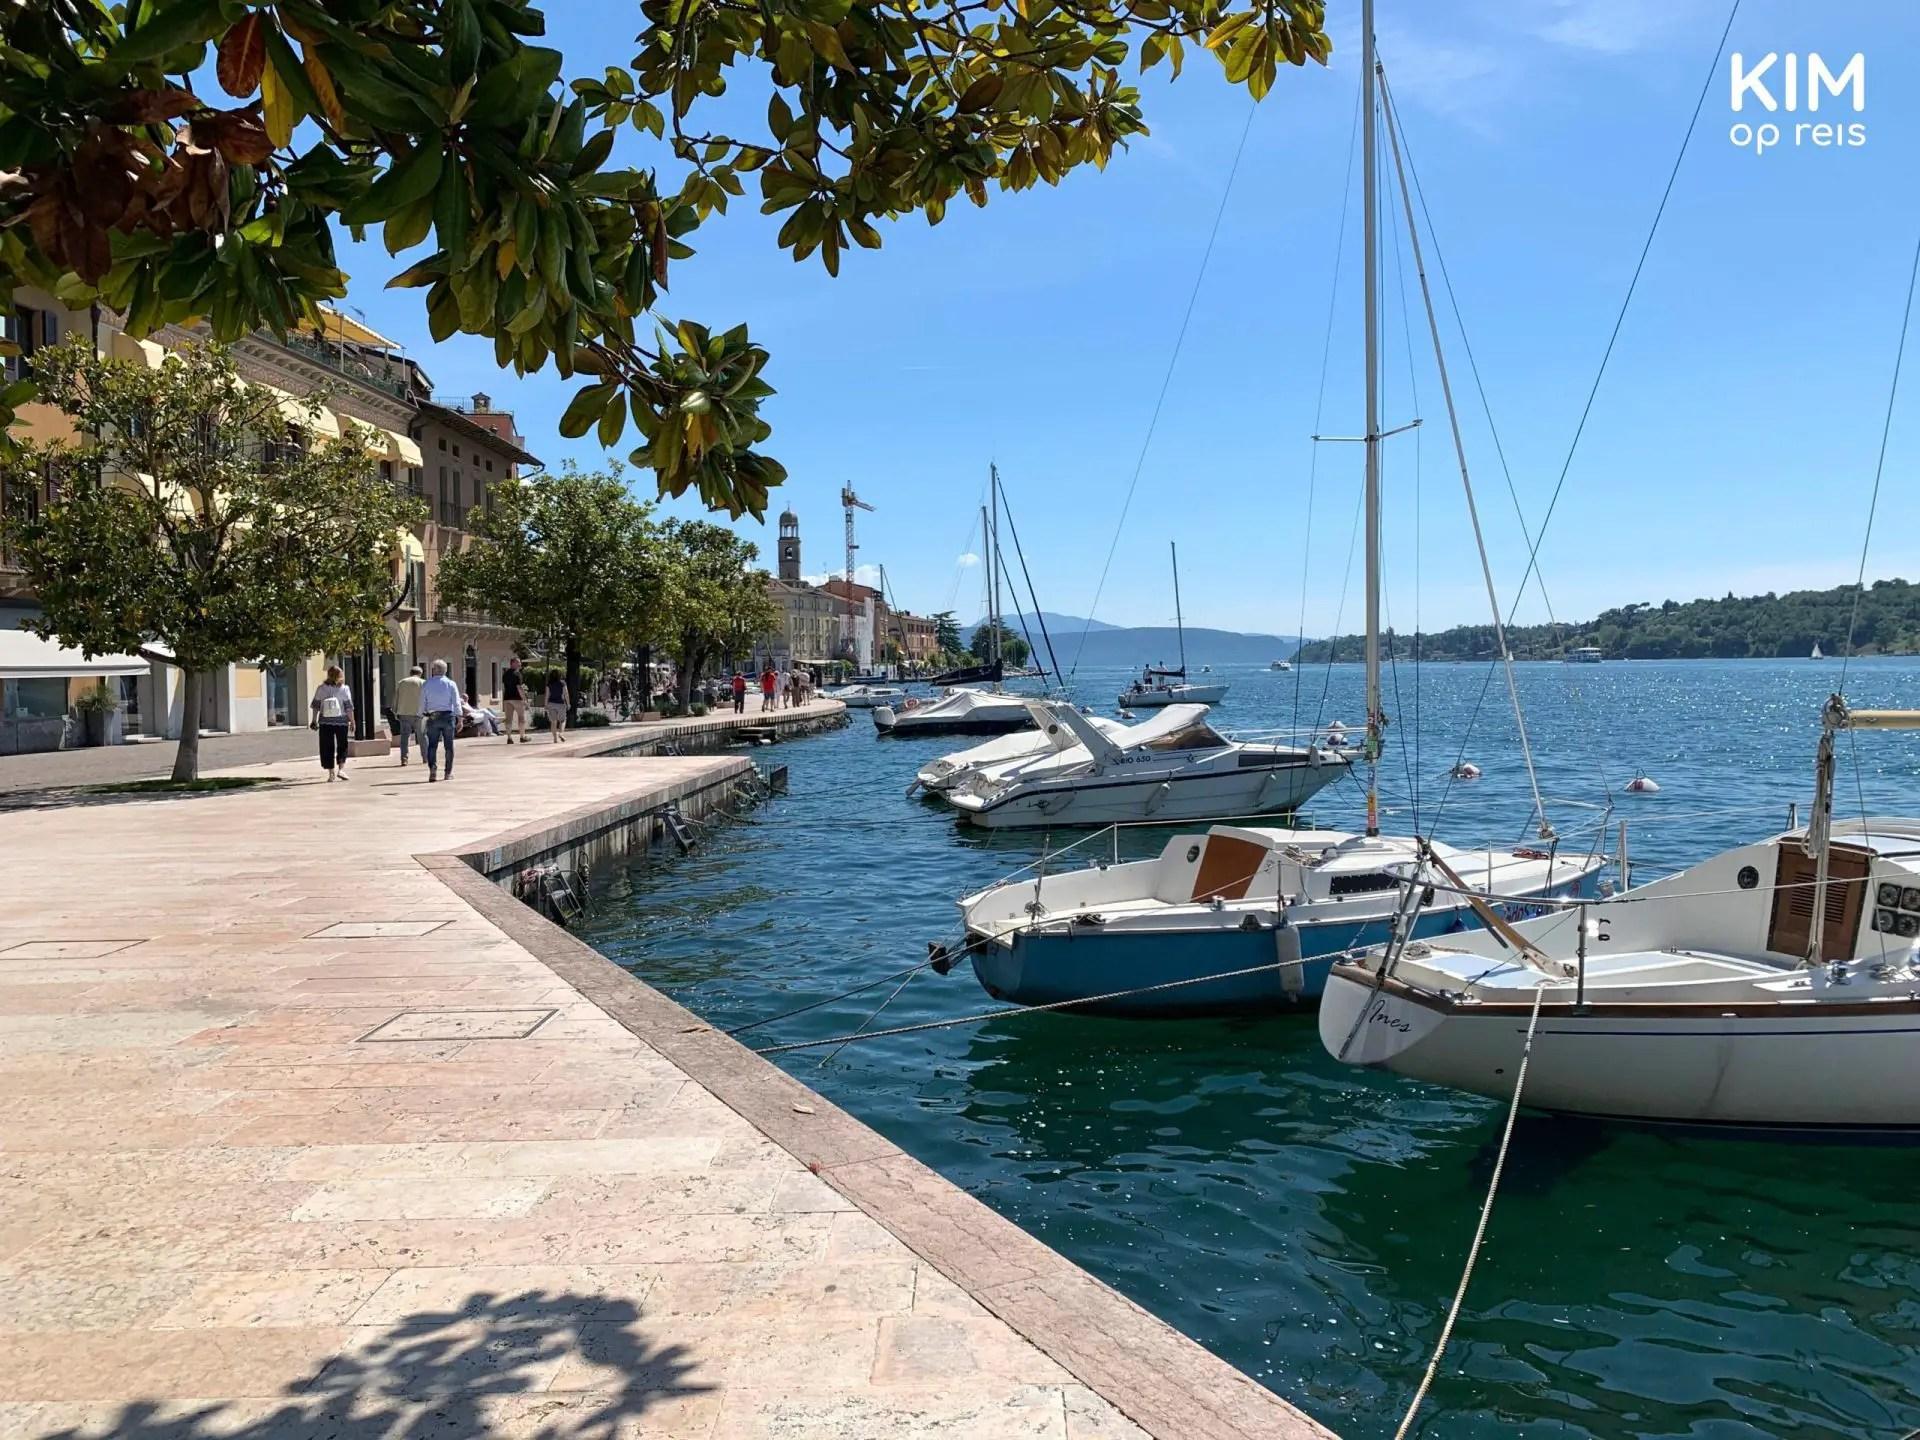 Wandelboulevard Salò - door een boom overdekt stukje van de wandelboulevard met daarvoor enkele bootjes